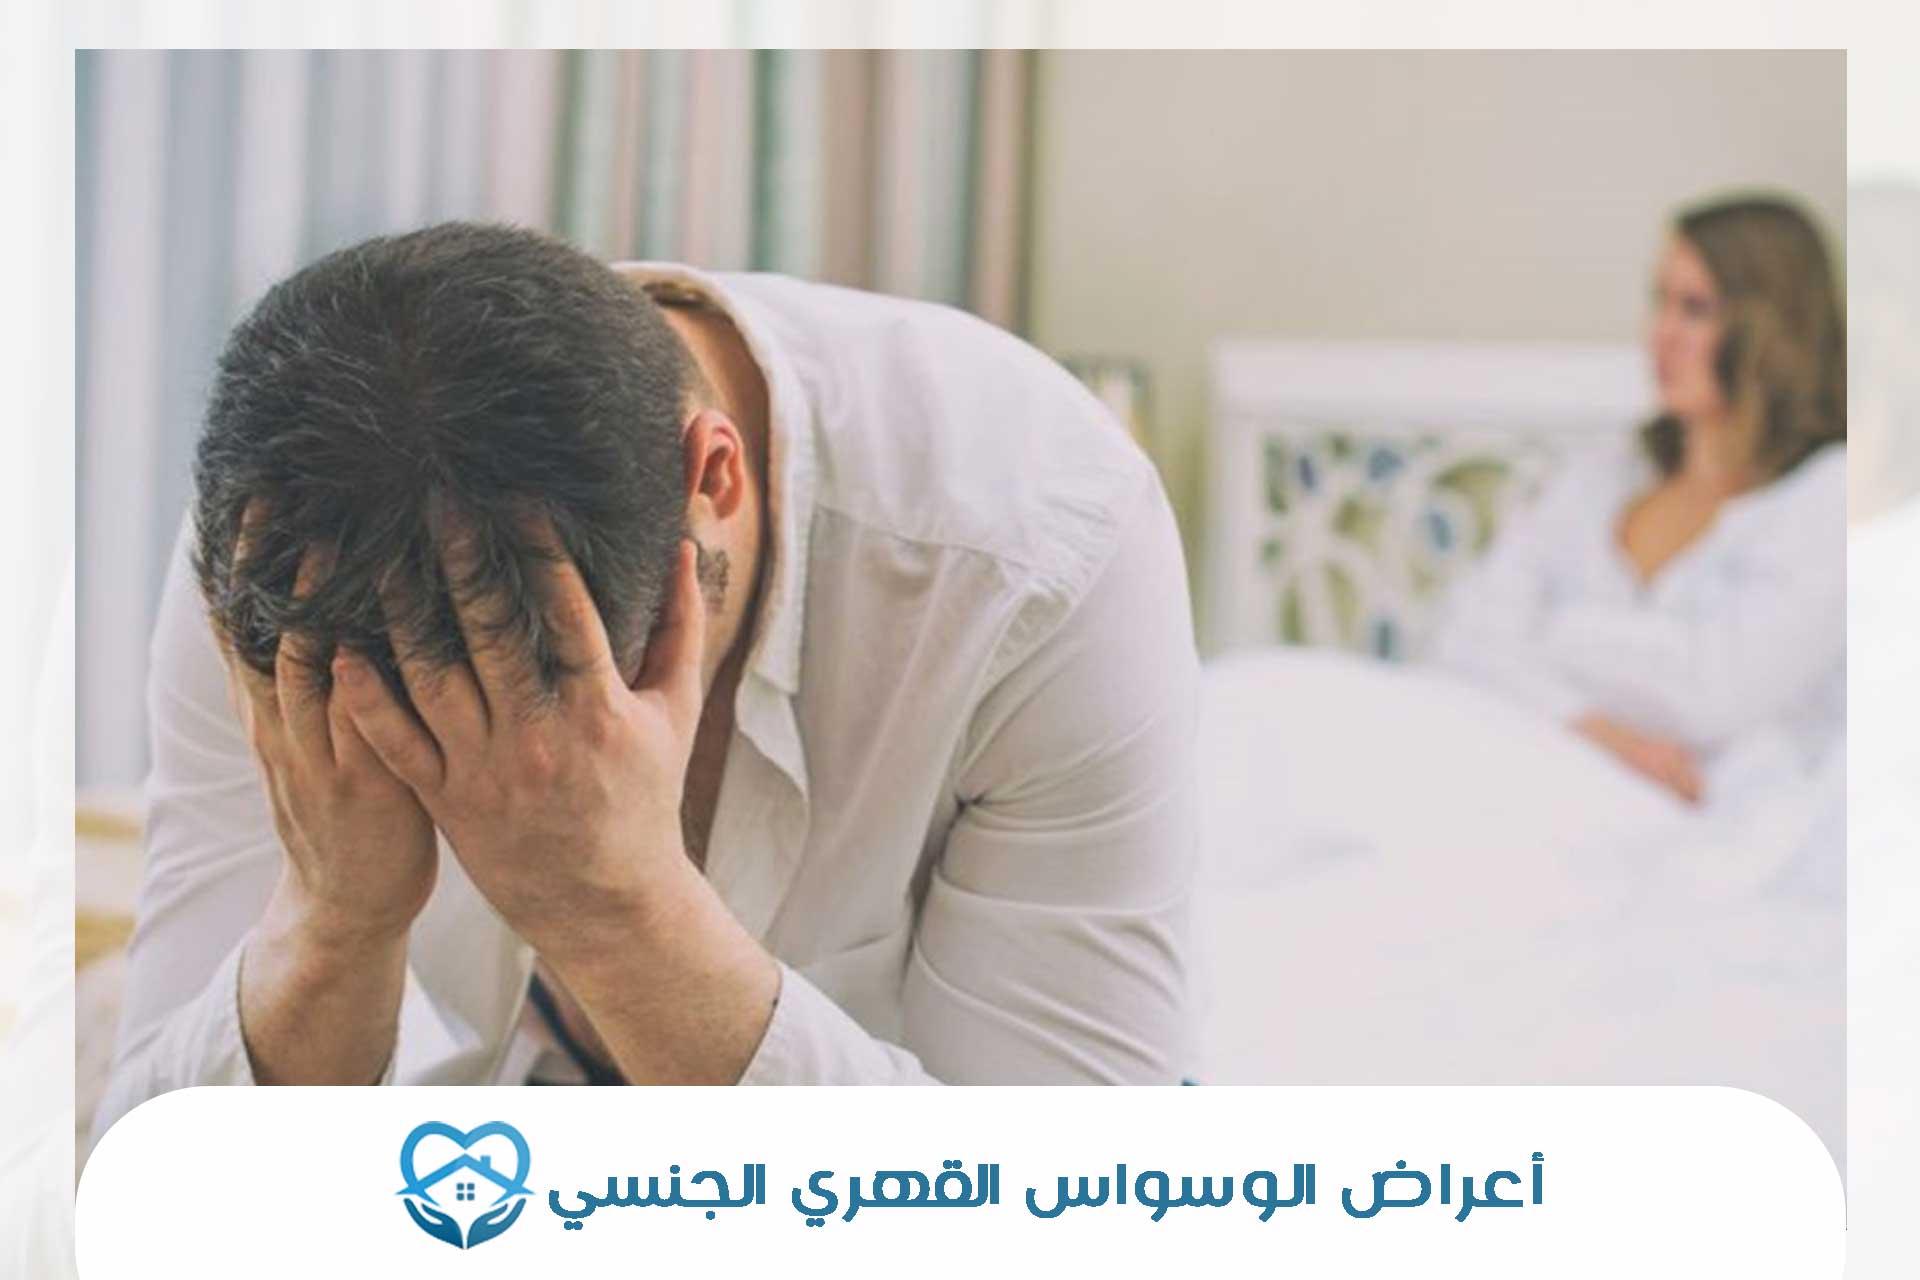 أعراض الوسواس القهري الجنسي